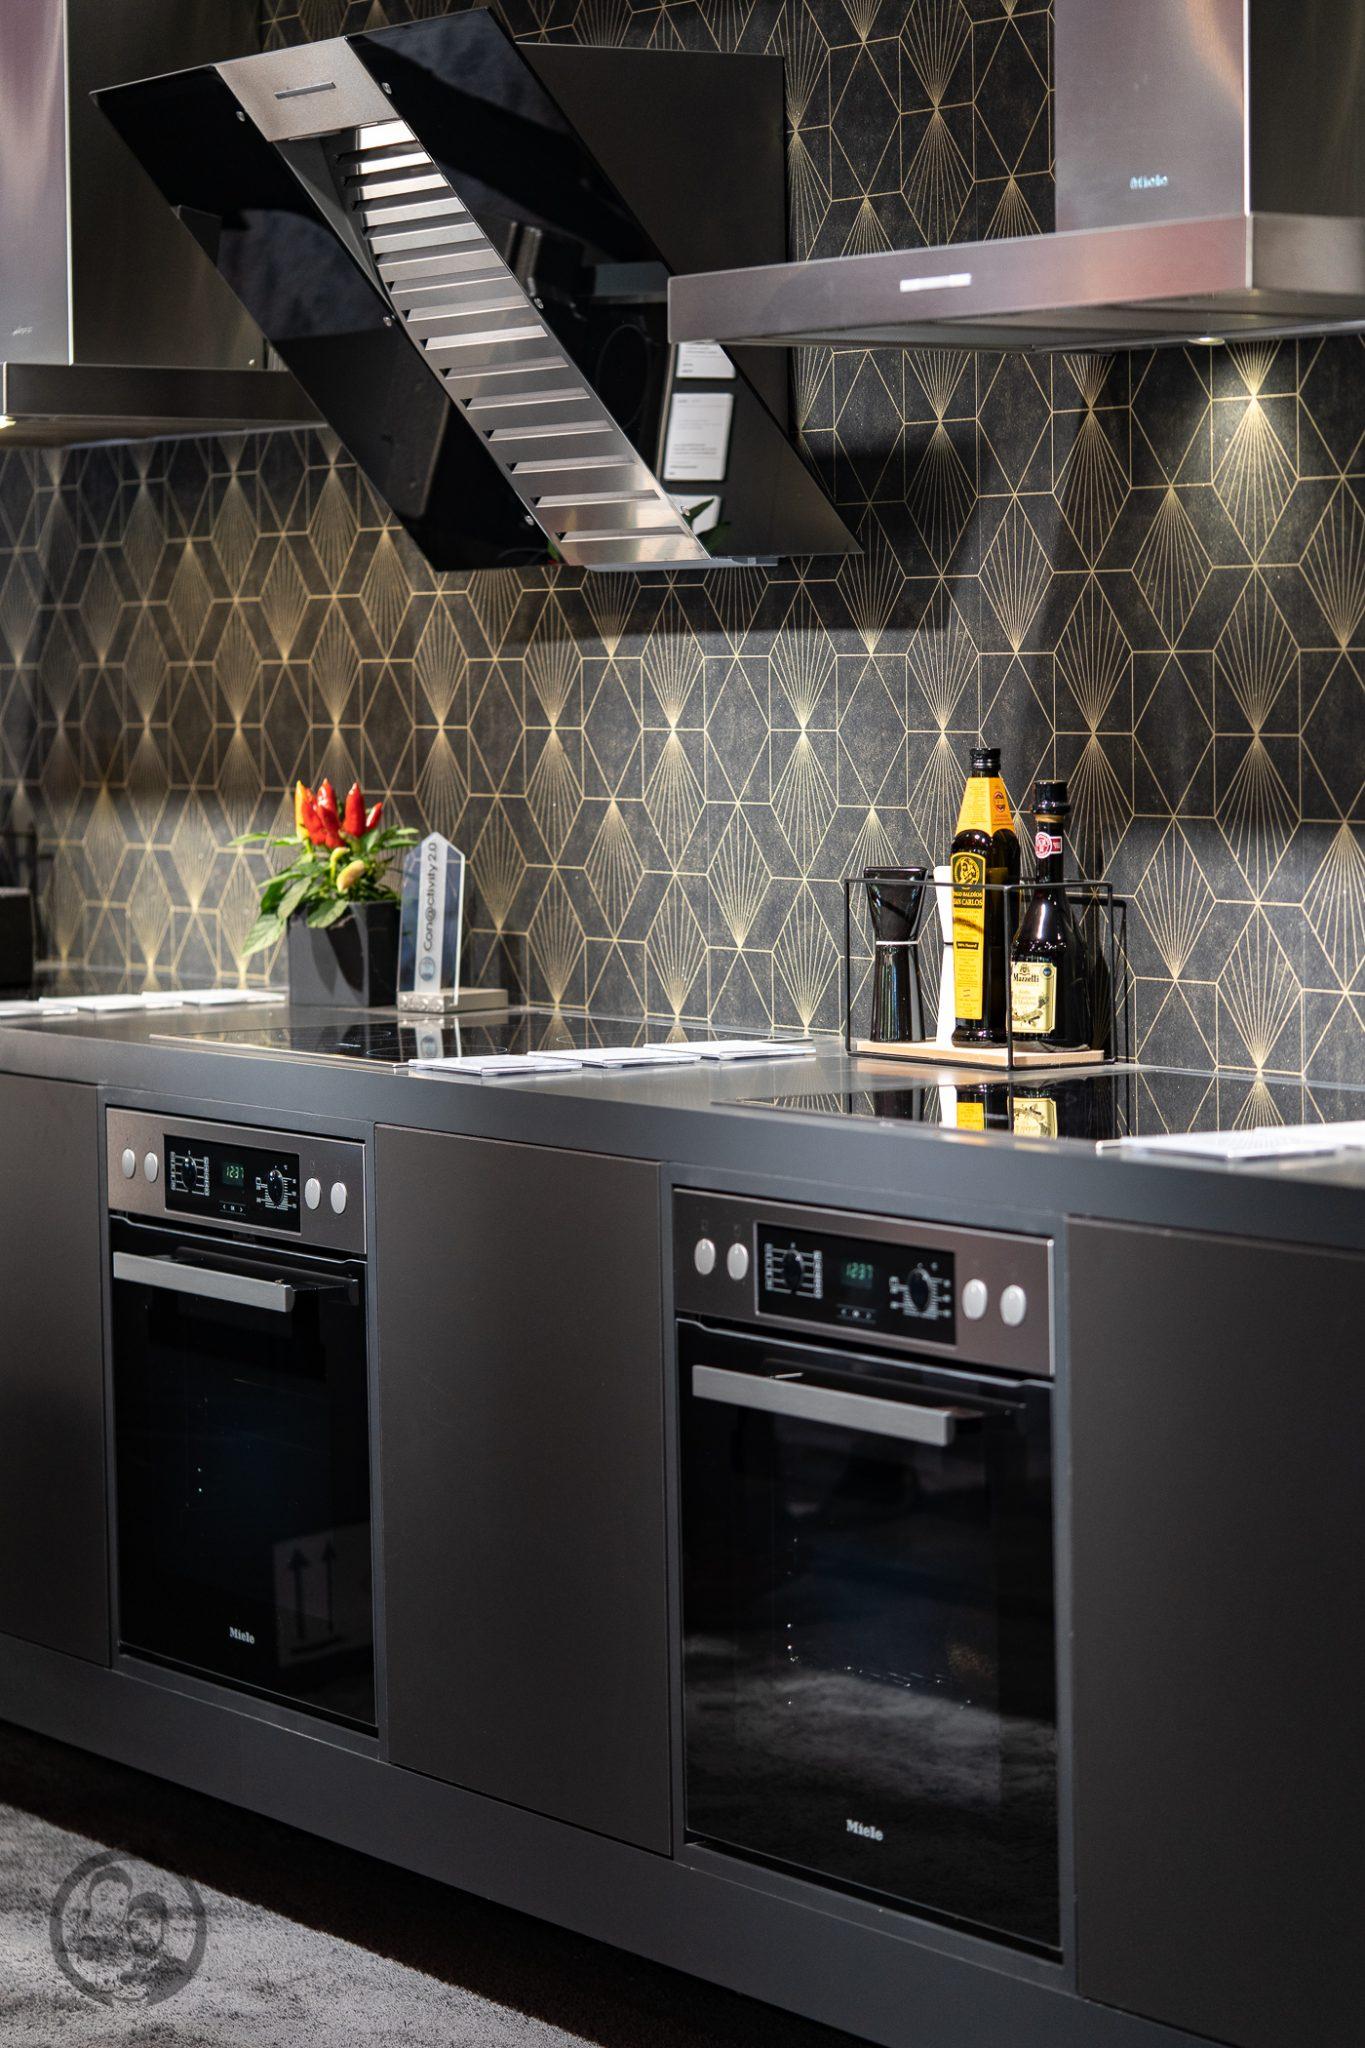 Küchenmeile mW 11 | Wie ihr ja bestimmt wisst, sind wir seit diesem Jahr Kooperationspartner von Miele.Daher hatten wir das große Glück, den Messestand von Miele nicht nur auf der IFA, sondern auch auf der Küchenmeile in Rödinghausen zu besuchen. Dort konnten wir uns einen spannenden Eindruck der Miele Küchenneuheiten machen, aber auch von der restlichen Produktpalette. Da Küchenequipment für alle Koch- und Backbegeisterten auch ein großes Thema ist, möchten wir euch gerne an unserem Besuch teilhaben lassen.